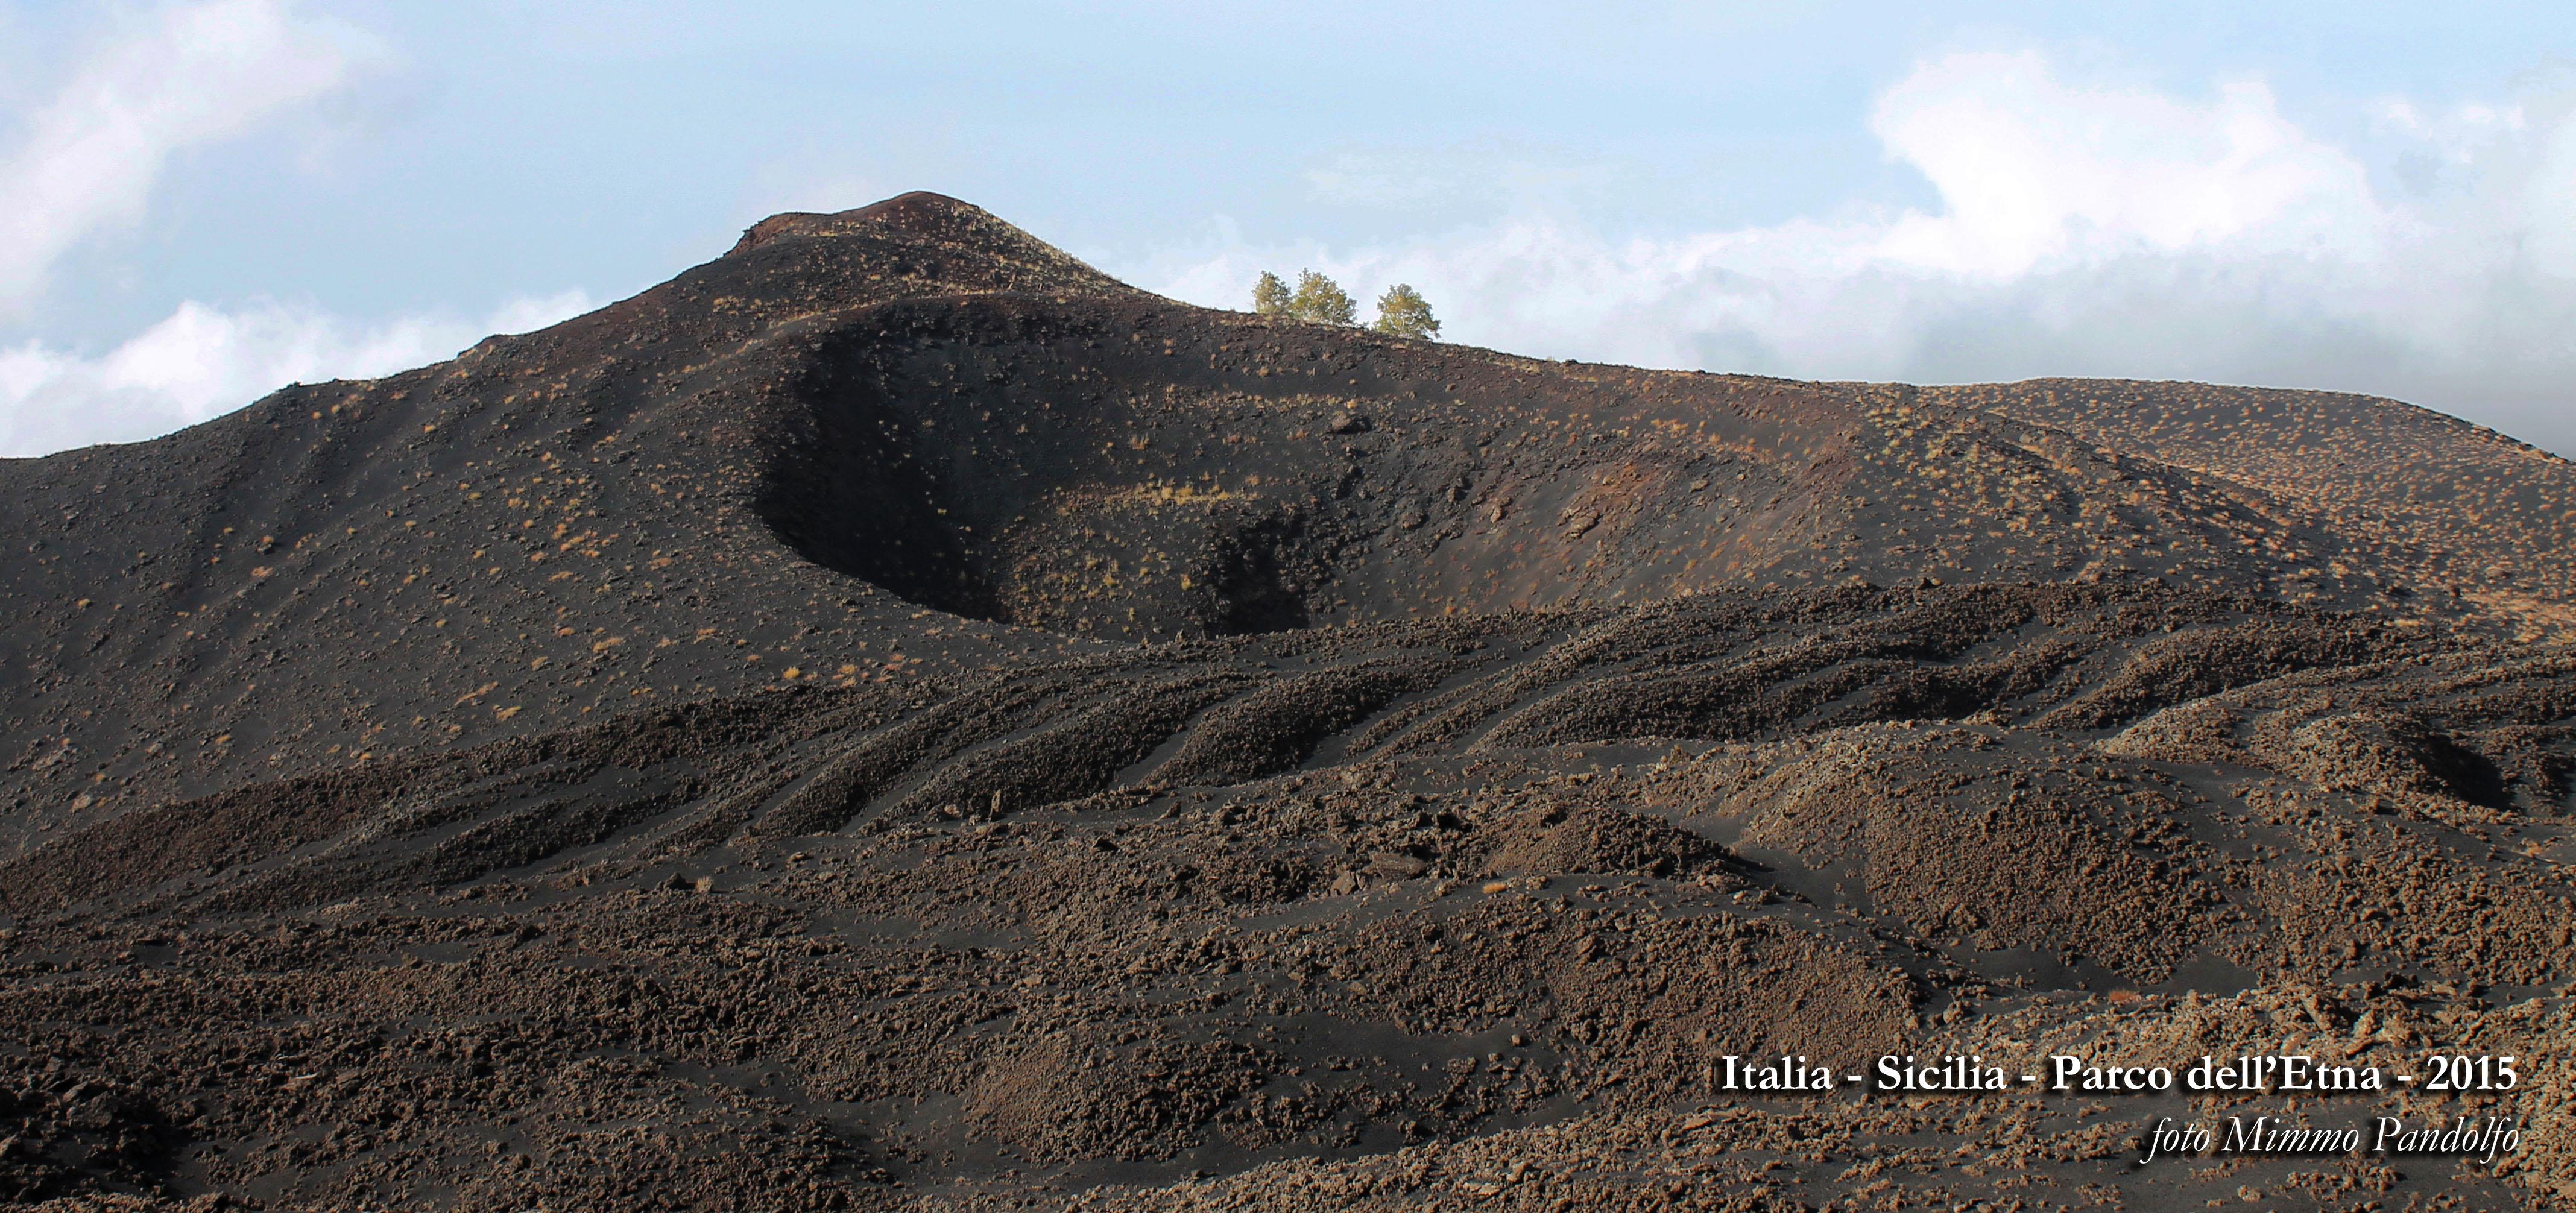 Sicilia 2015 - PN dell'Etna - Lava